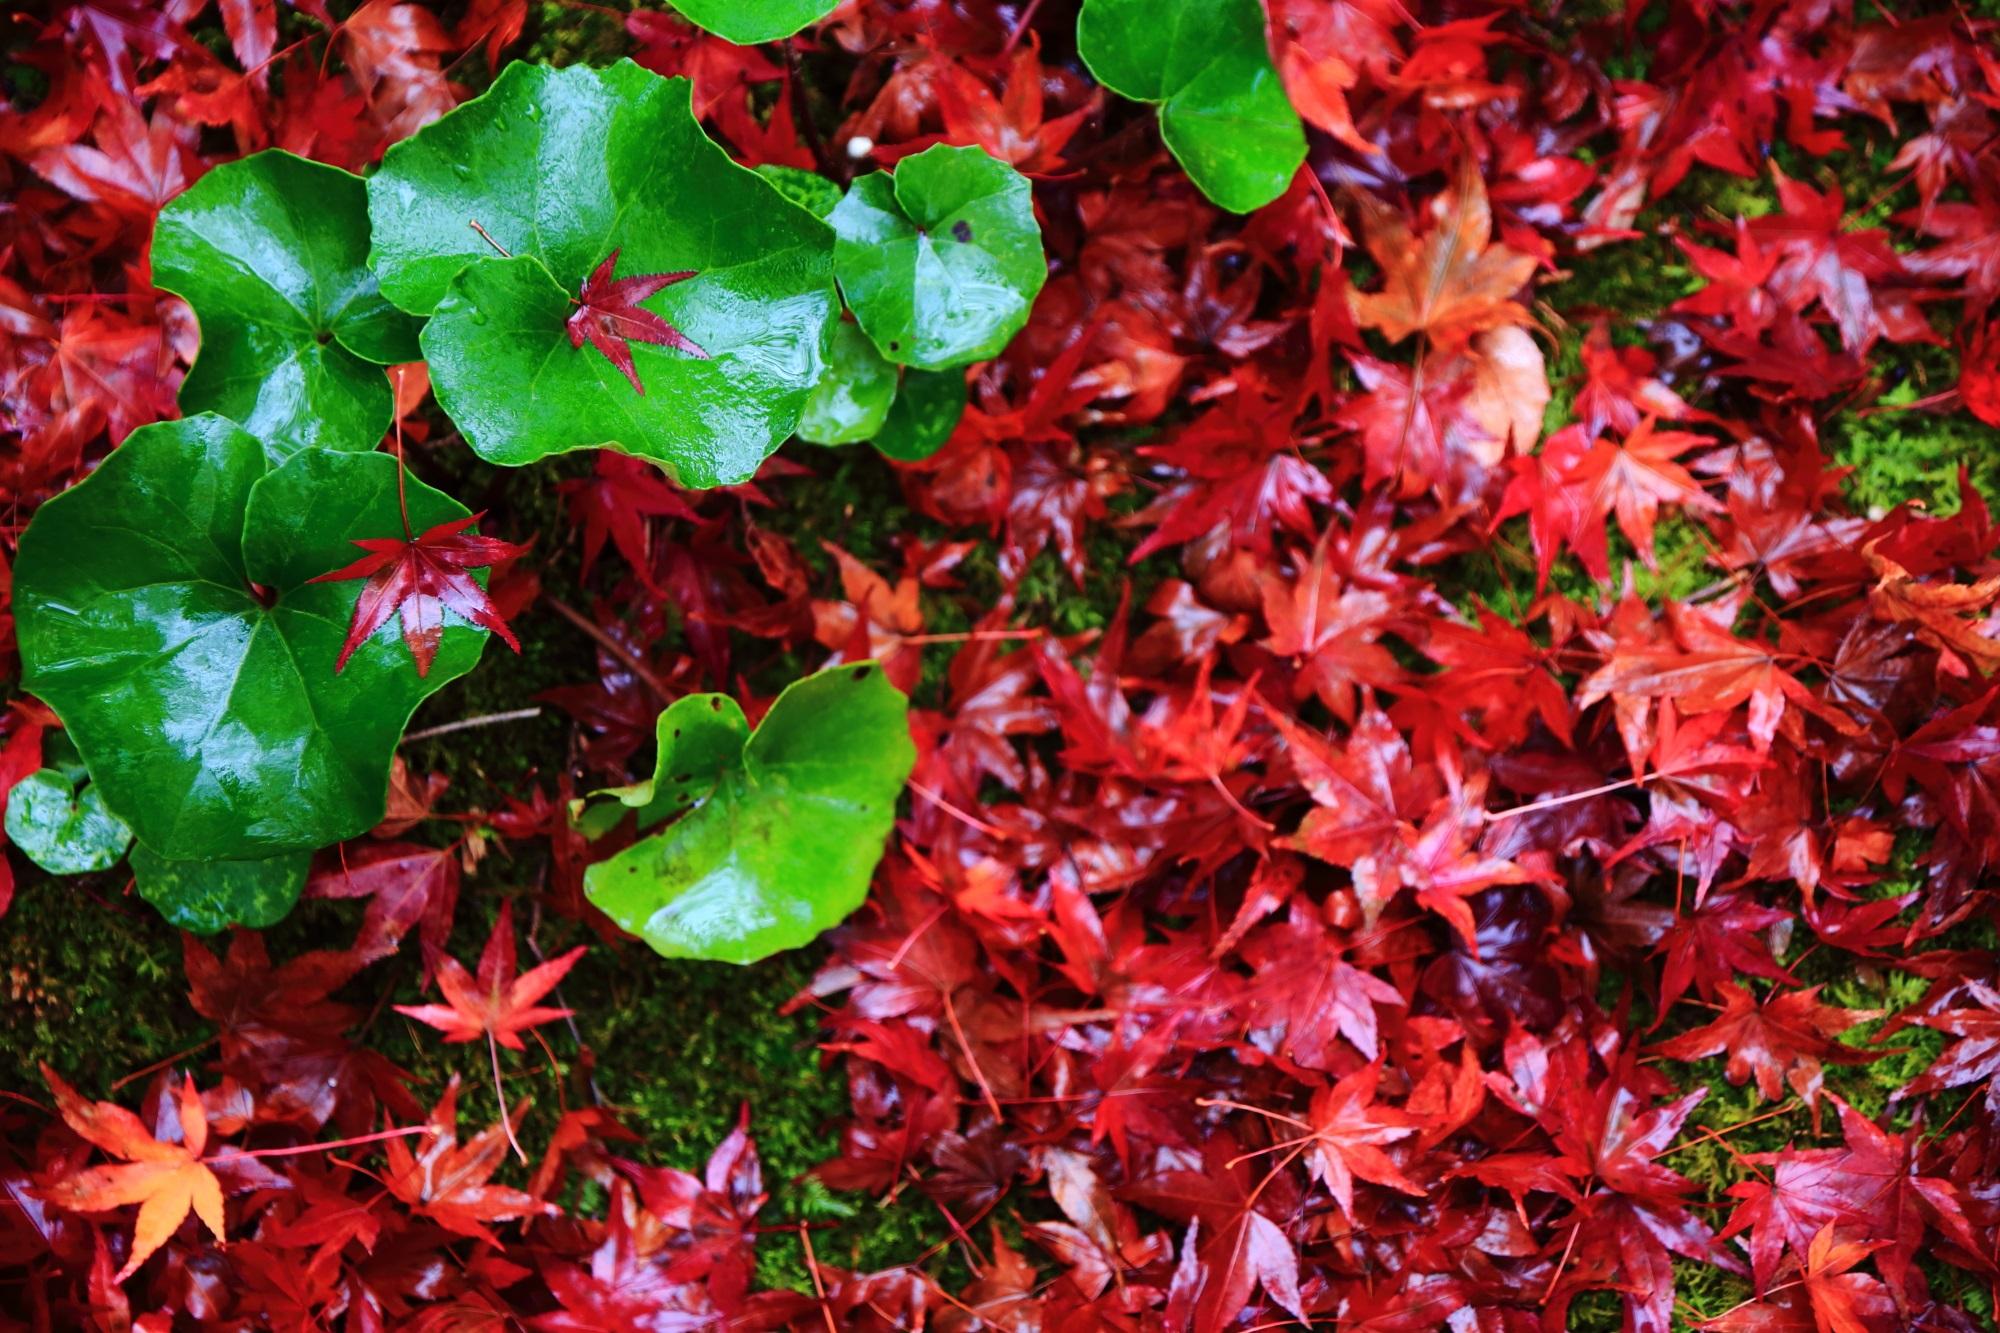 直指庵の緑の葵と赤い散りもみじ